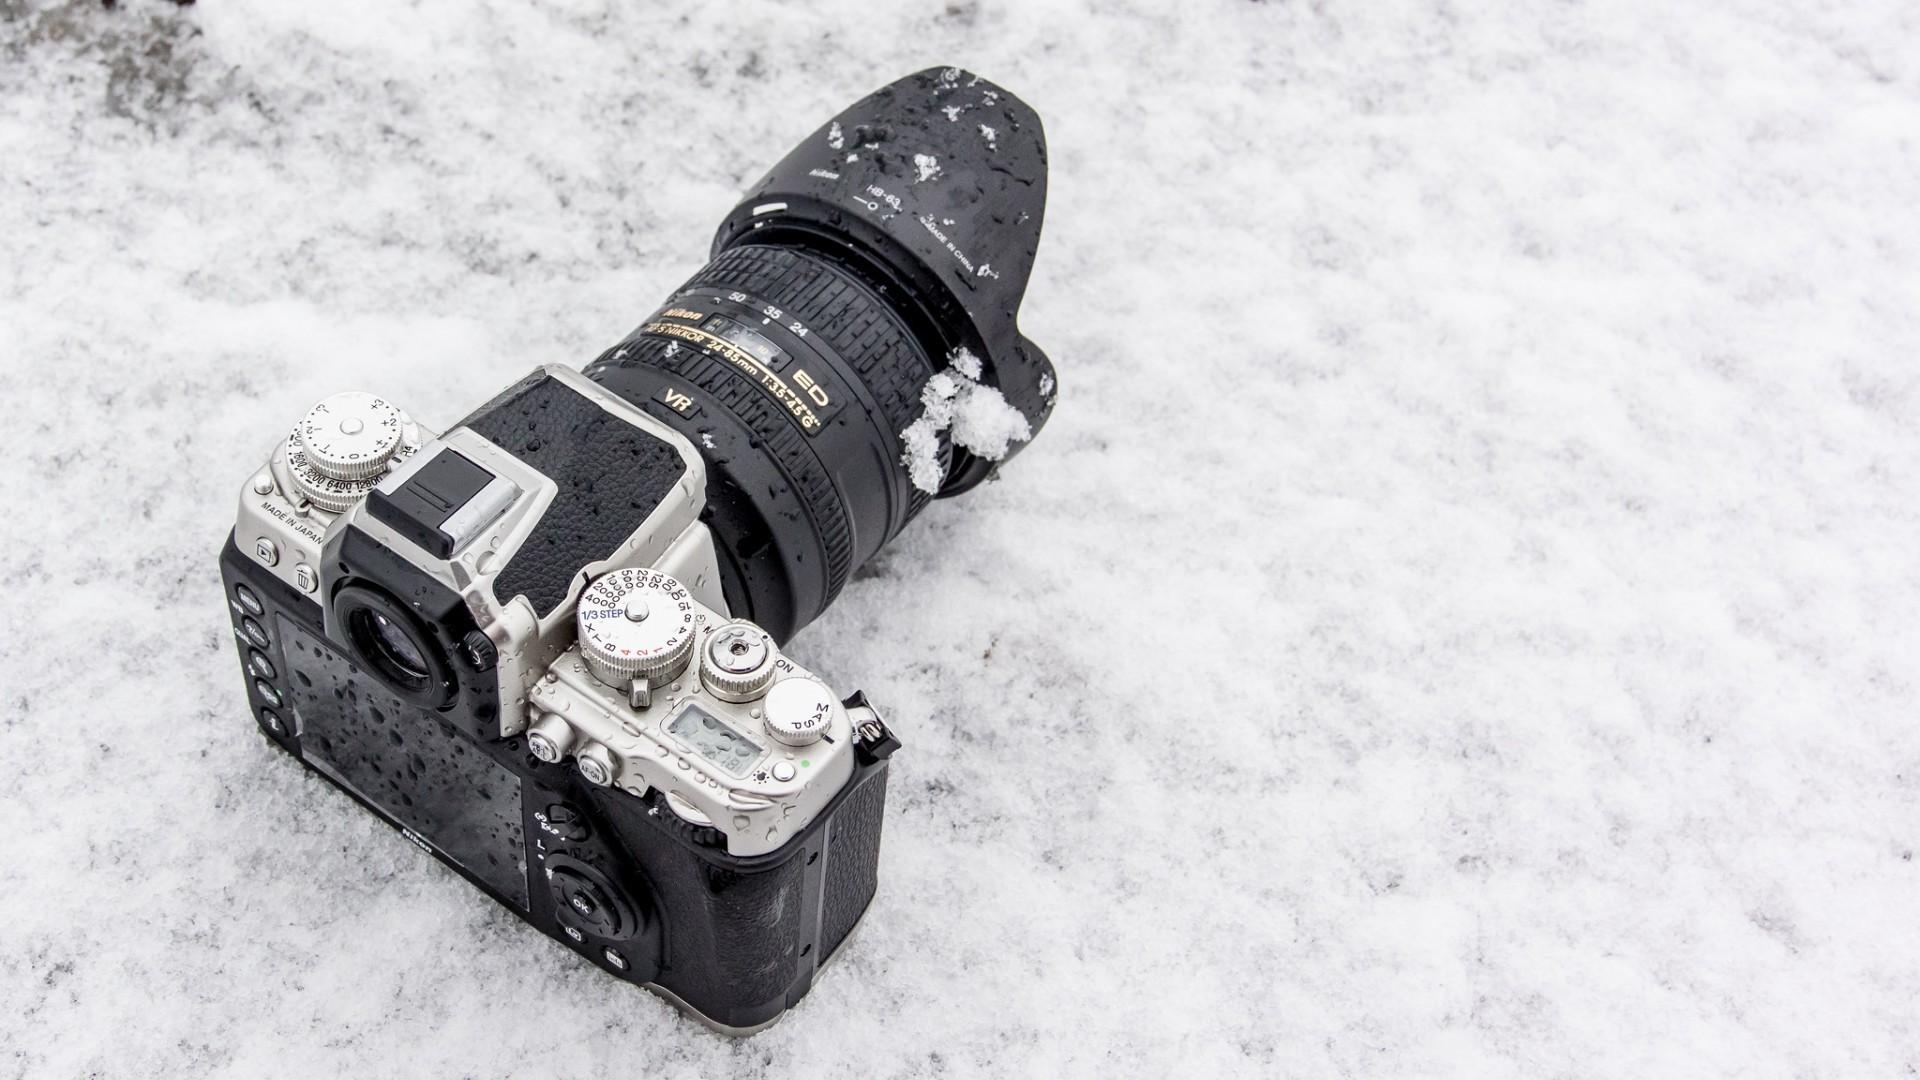 использование фотоаппарата на морозе сути, уже был